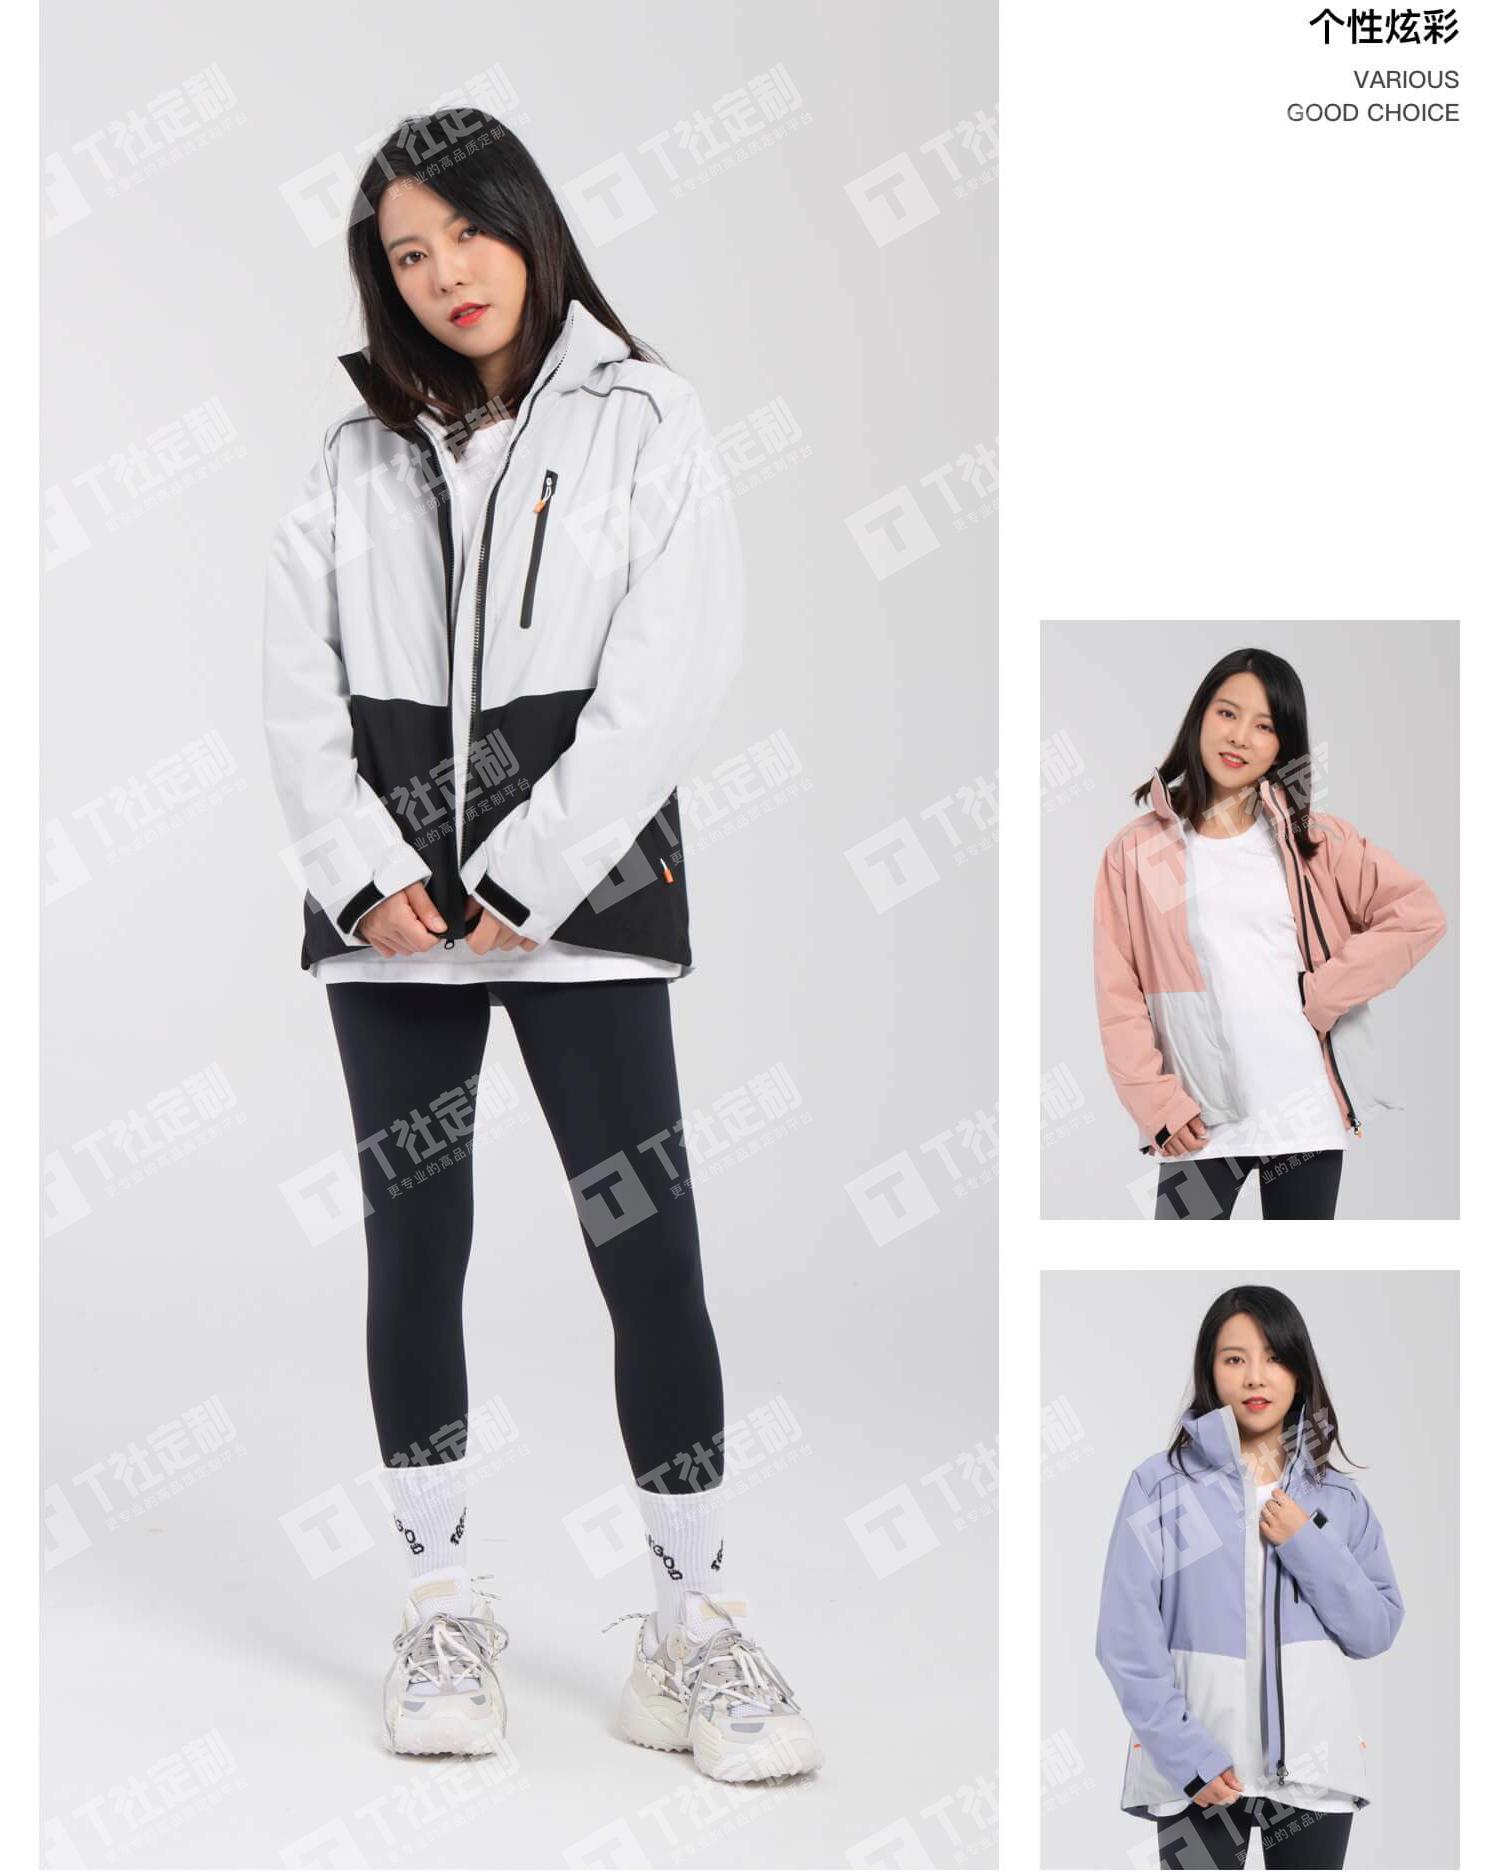 什么叫沖鋒衣,沖鋒衣是什么衣服